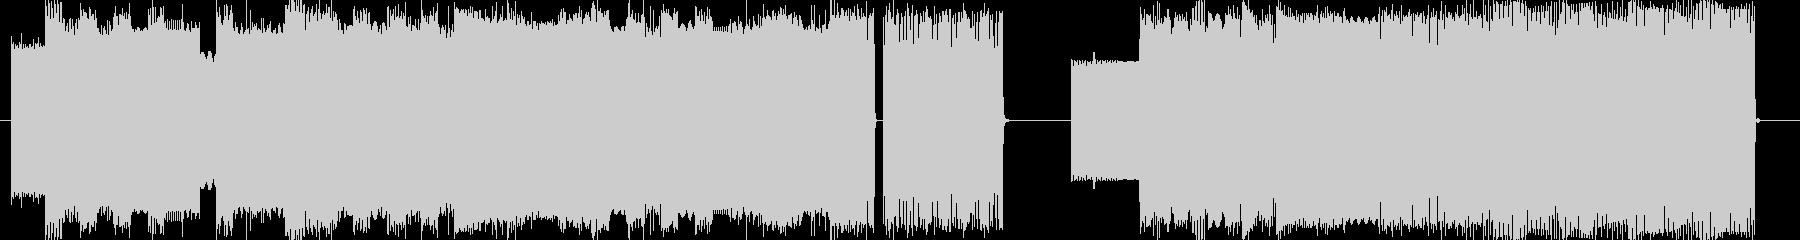 ファミコン系ピコピコ音お笑い動画映像にの未再生の波形